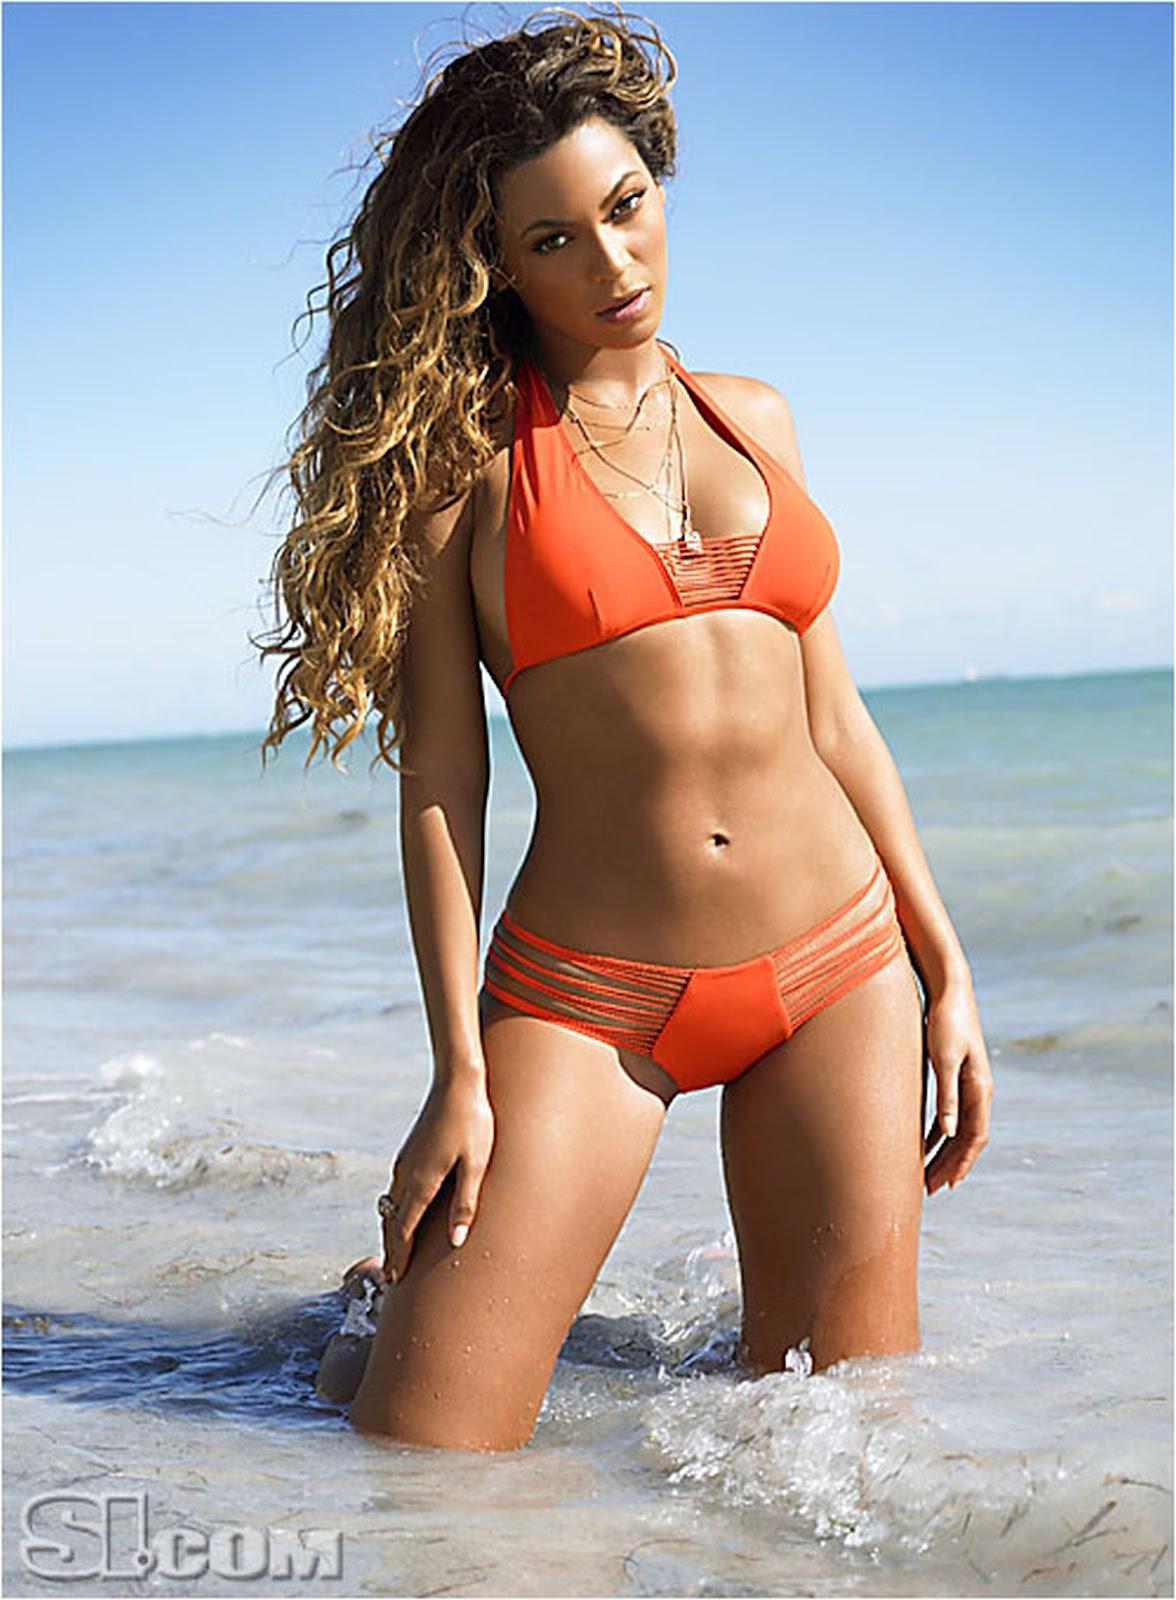 http://1.bp.blogspot.com/-qX12jKSWMwc/T37qXl8SG6I/AAAAAAAABbI/apwu-GwEP88/s1600/Sexy_Beyonce_Bikini_HQ_Wallpapers_Pack_1-1.jpg_Picture_-_23.jpg